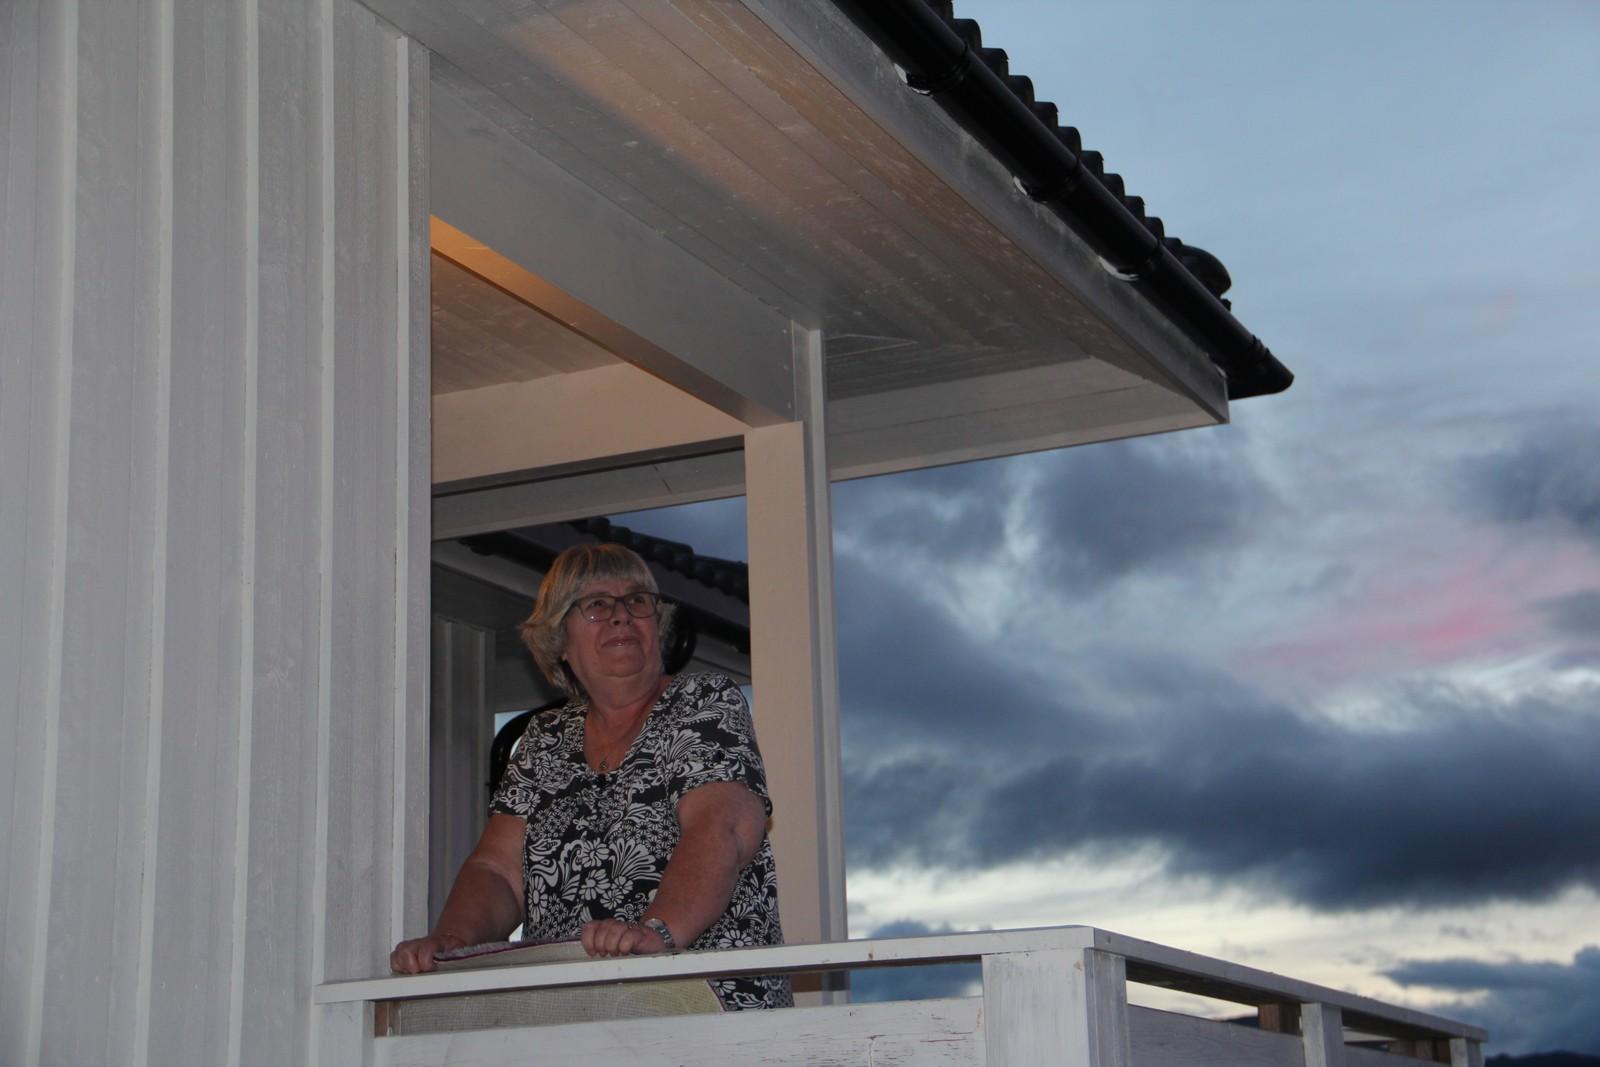 Tove Gebhardt i bygda Badderen sier at hun ikke vil til Finnmark: – Hvis vi slår oss sammen med kommunene i Finnmark får vi ingen ting. – Jeg har vært med på en kommunesammenslåing med Tromsø og Tromsøysund og da fikk vi i Tromsøysund ingen ting, sier hun.